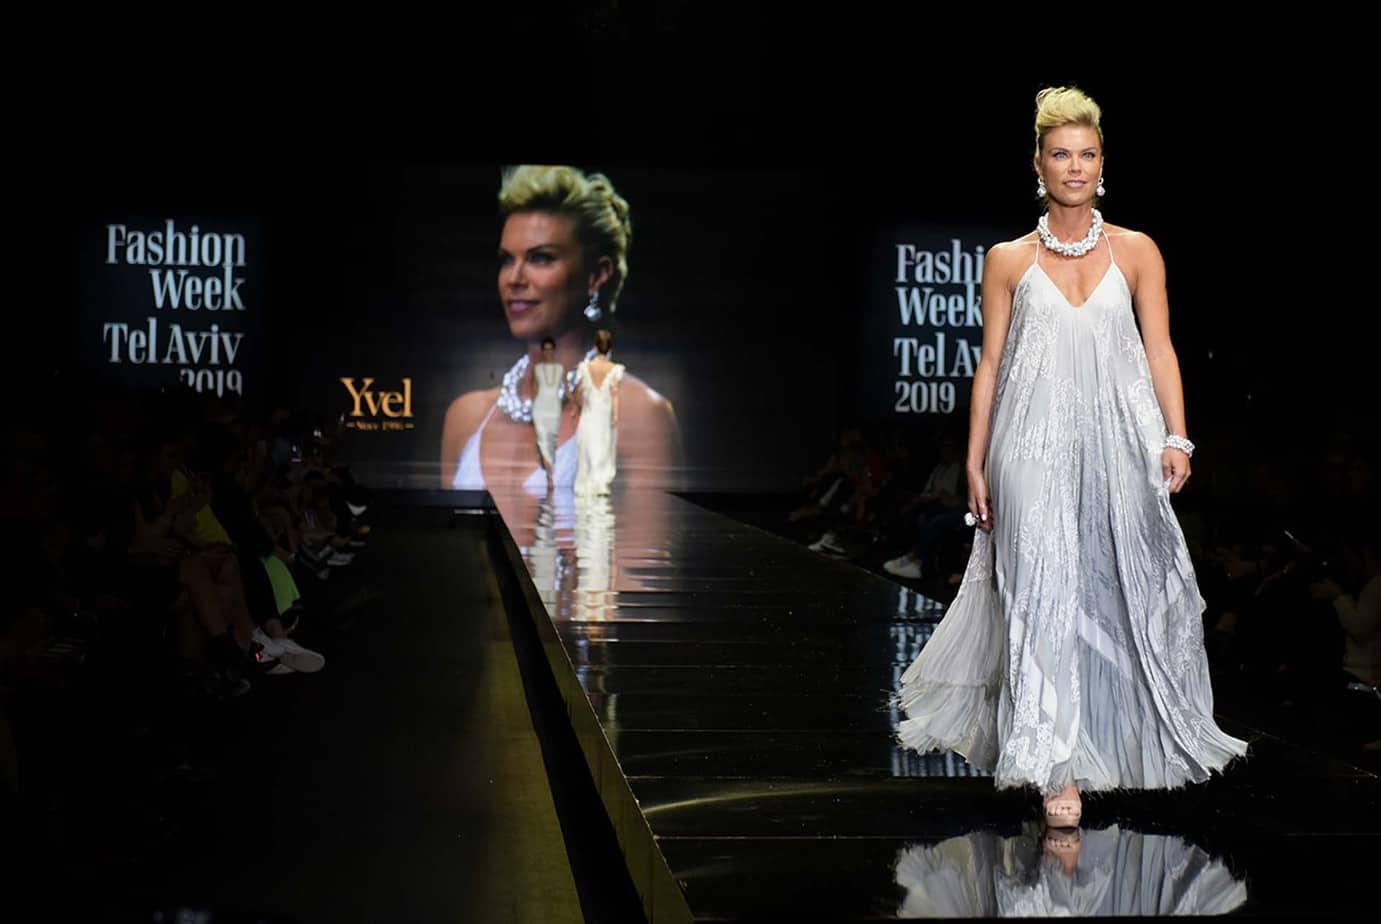 רוח נשית. שבוע האופנה תל אביב 2019. צילום סרג'ו סטרודובצב - 10